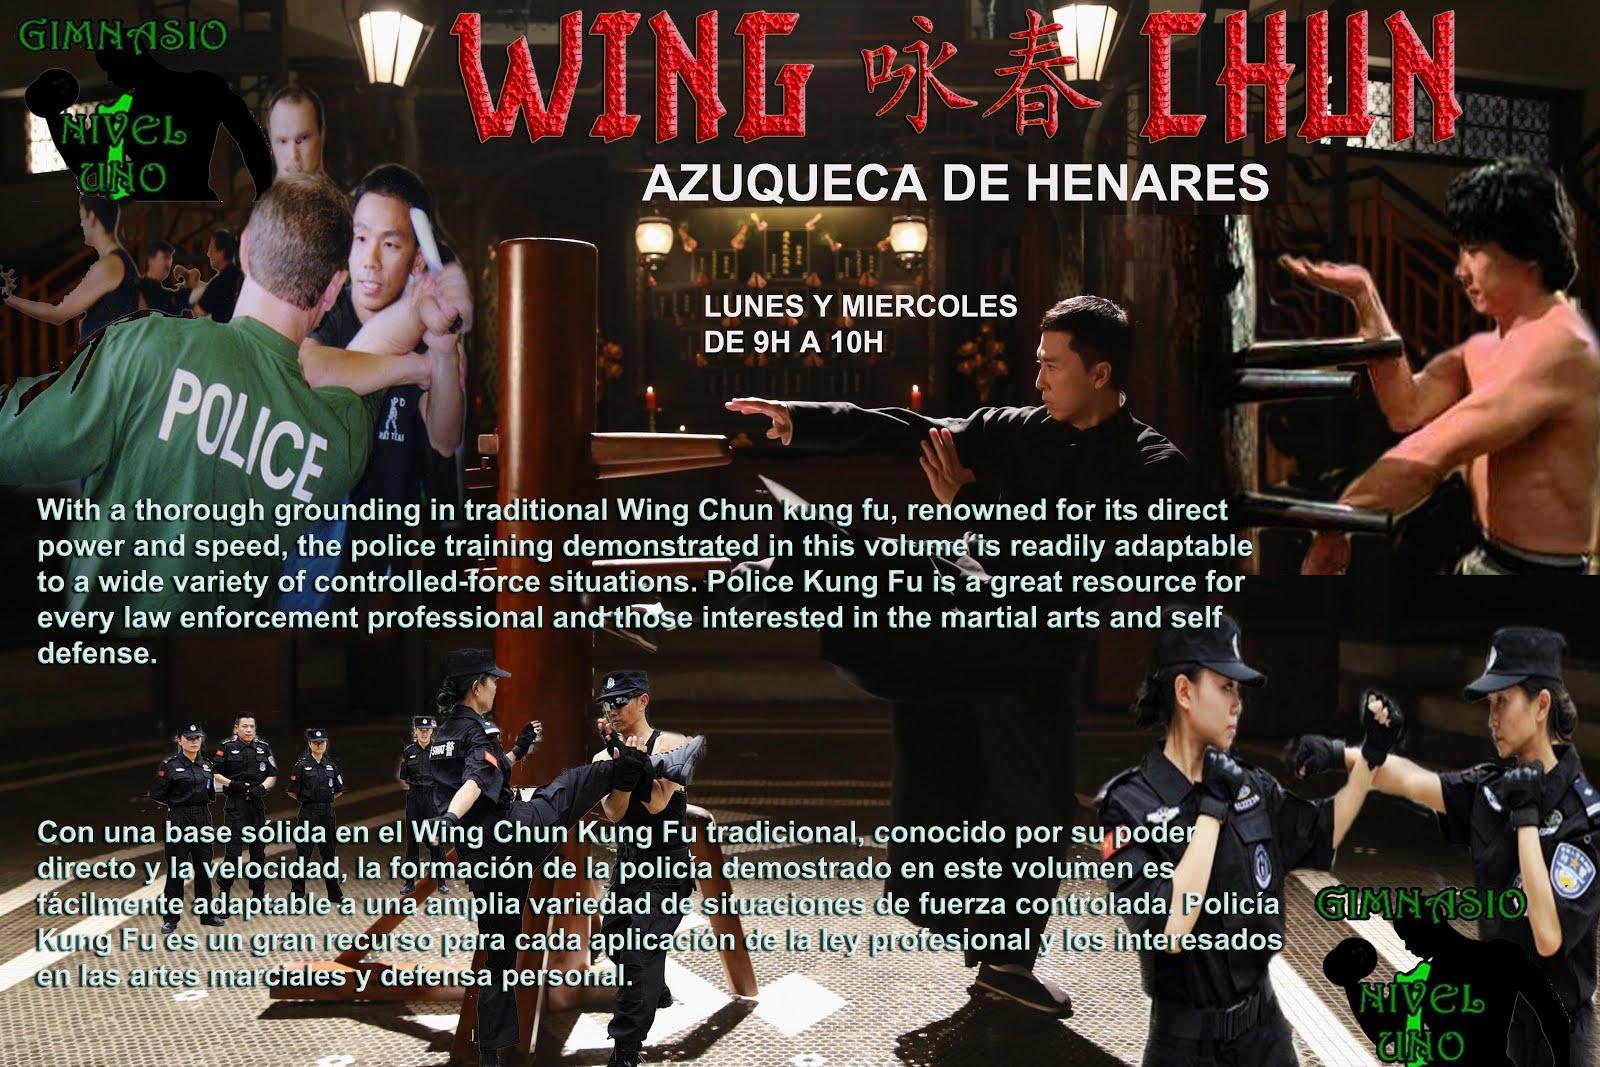 Wing Chun Azuqueca de Henares - Gimnasio Nivel Uno - Información; Tlf - 626 992 139